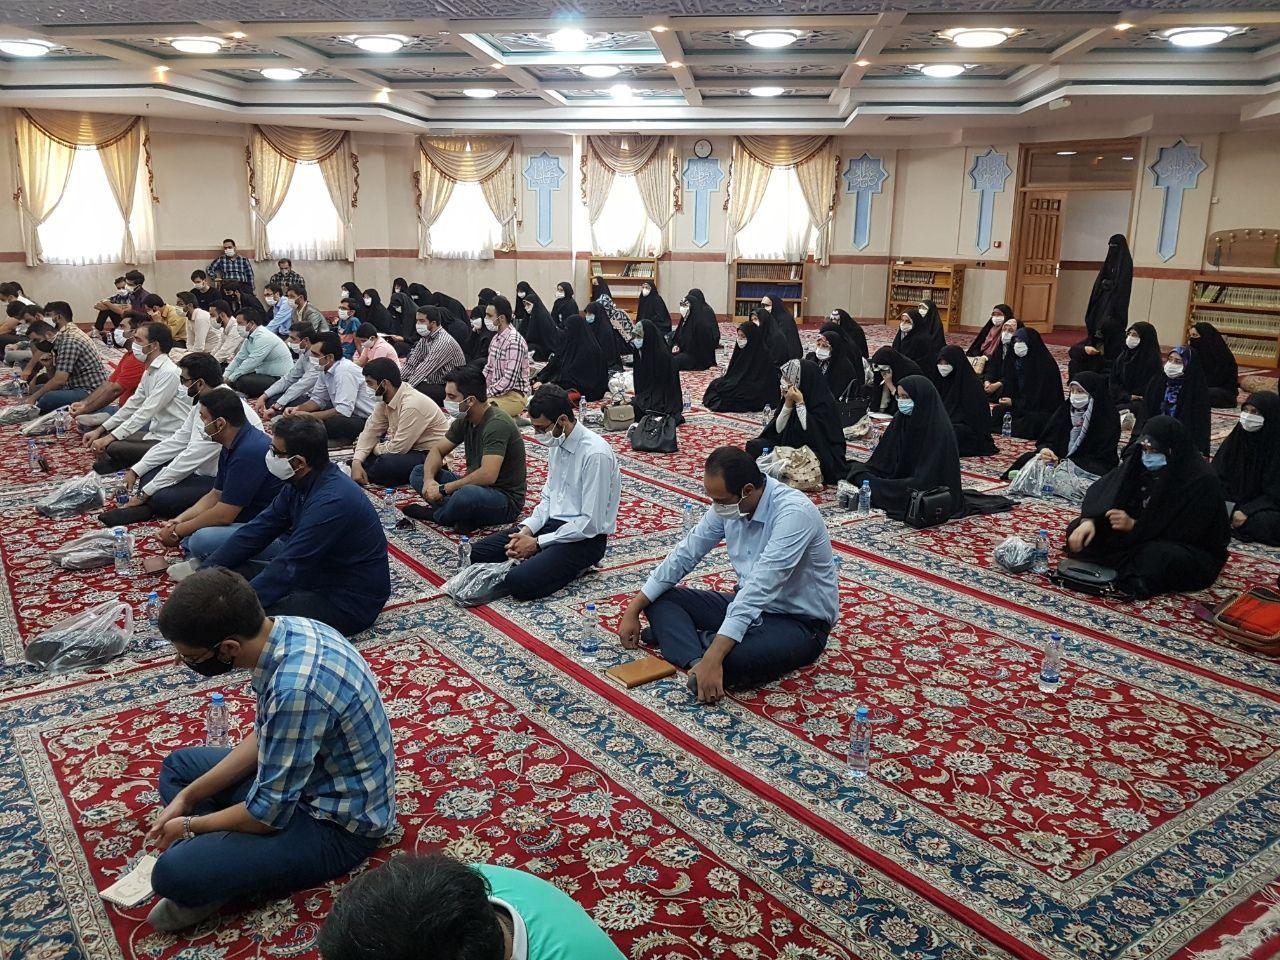 گزارش تصویری نشست اعضای تولید محتوای واحد مهدویت مصاف